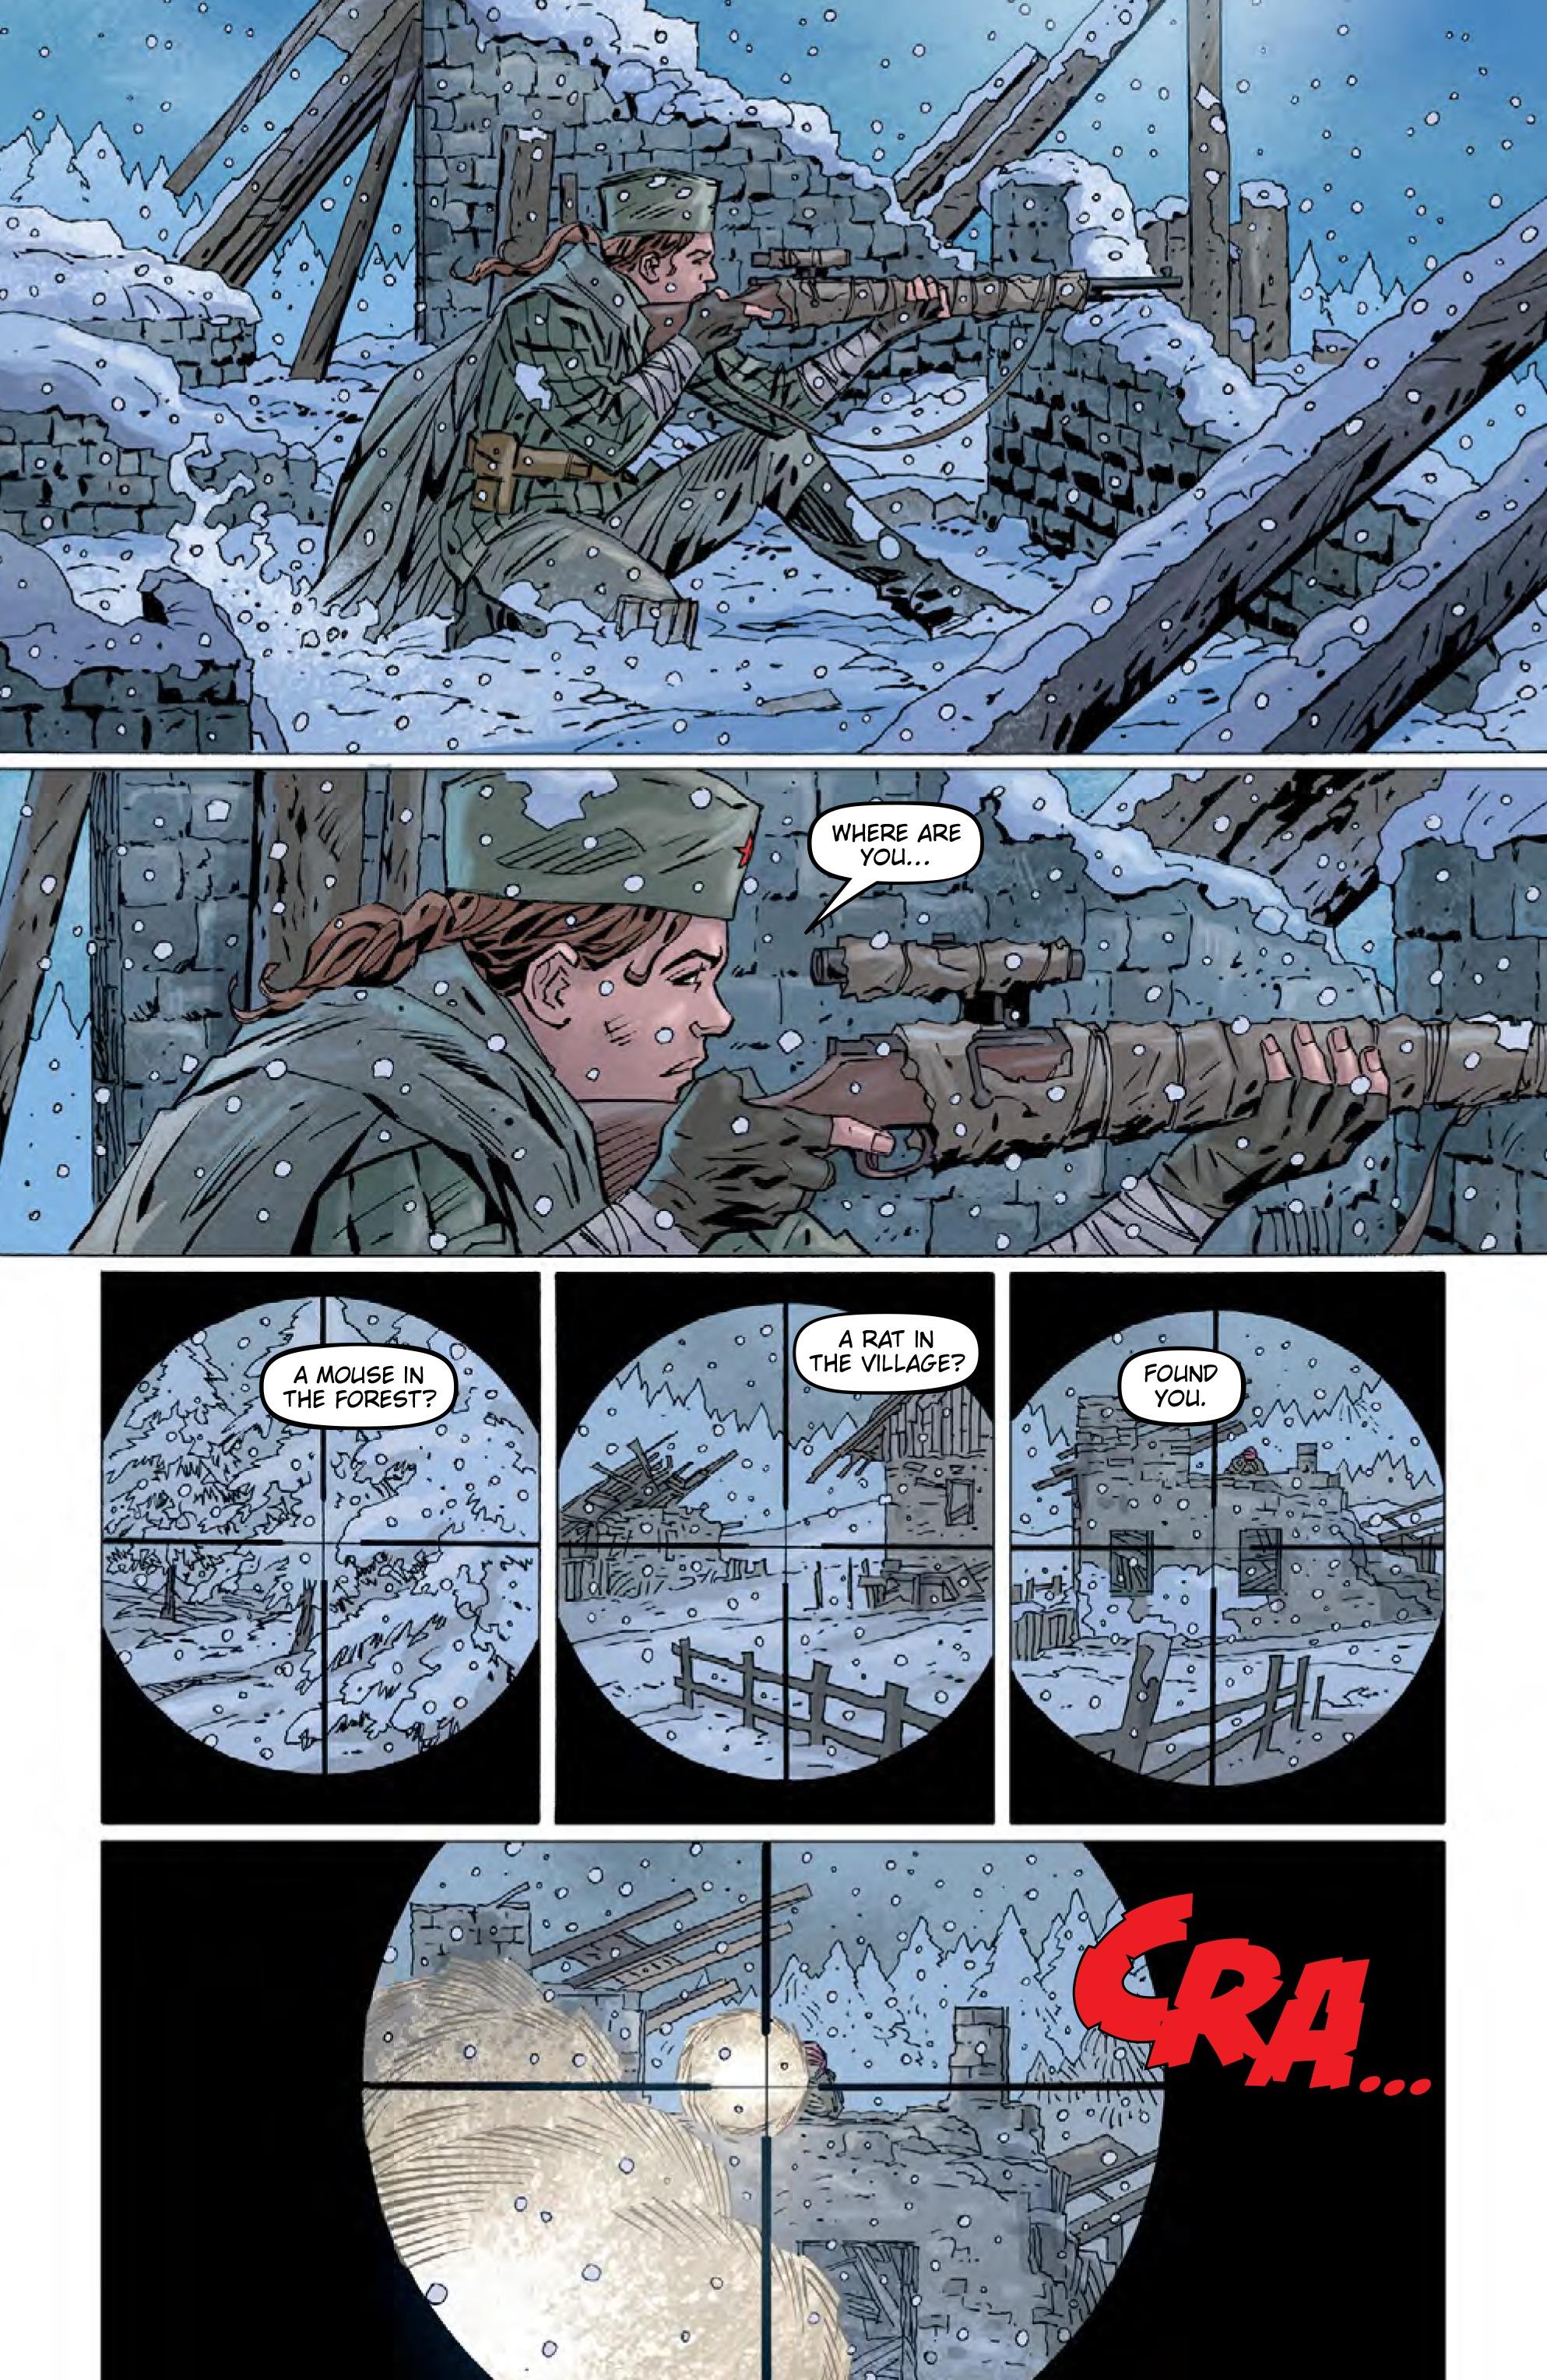 《使命召唤18:先锋》官方漫画公布 在游戏之前发售